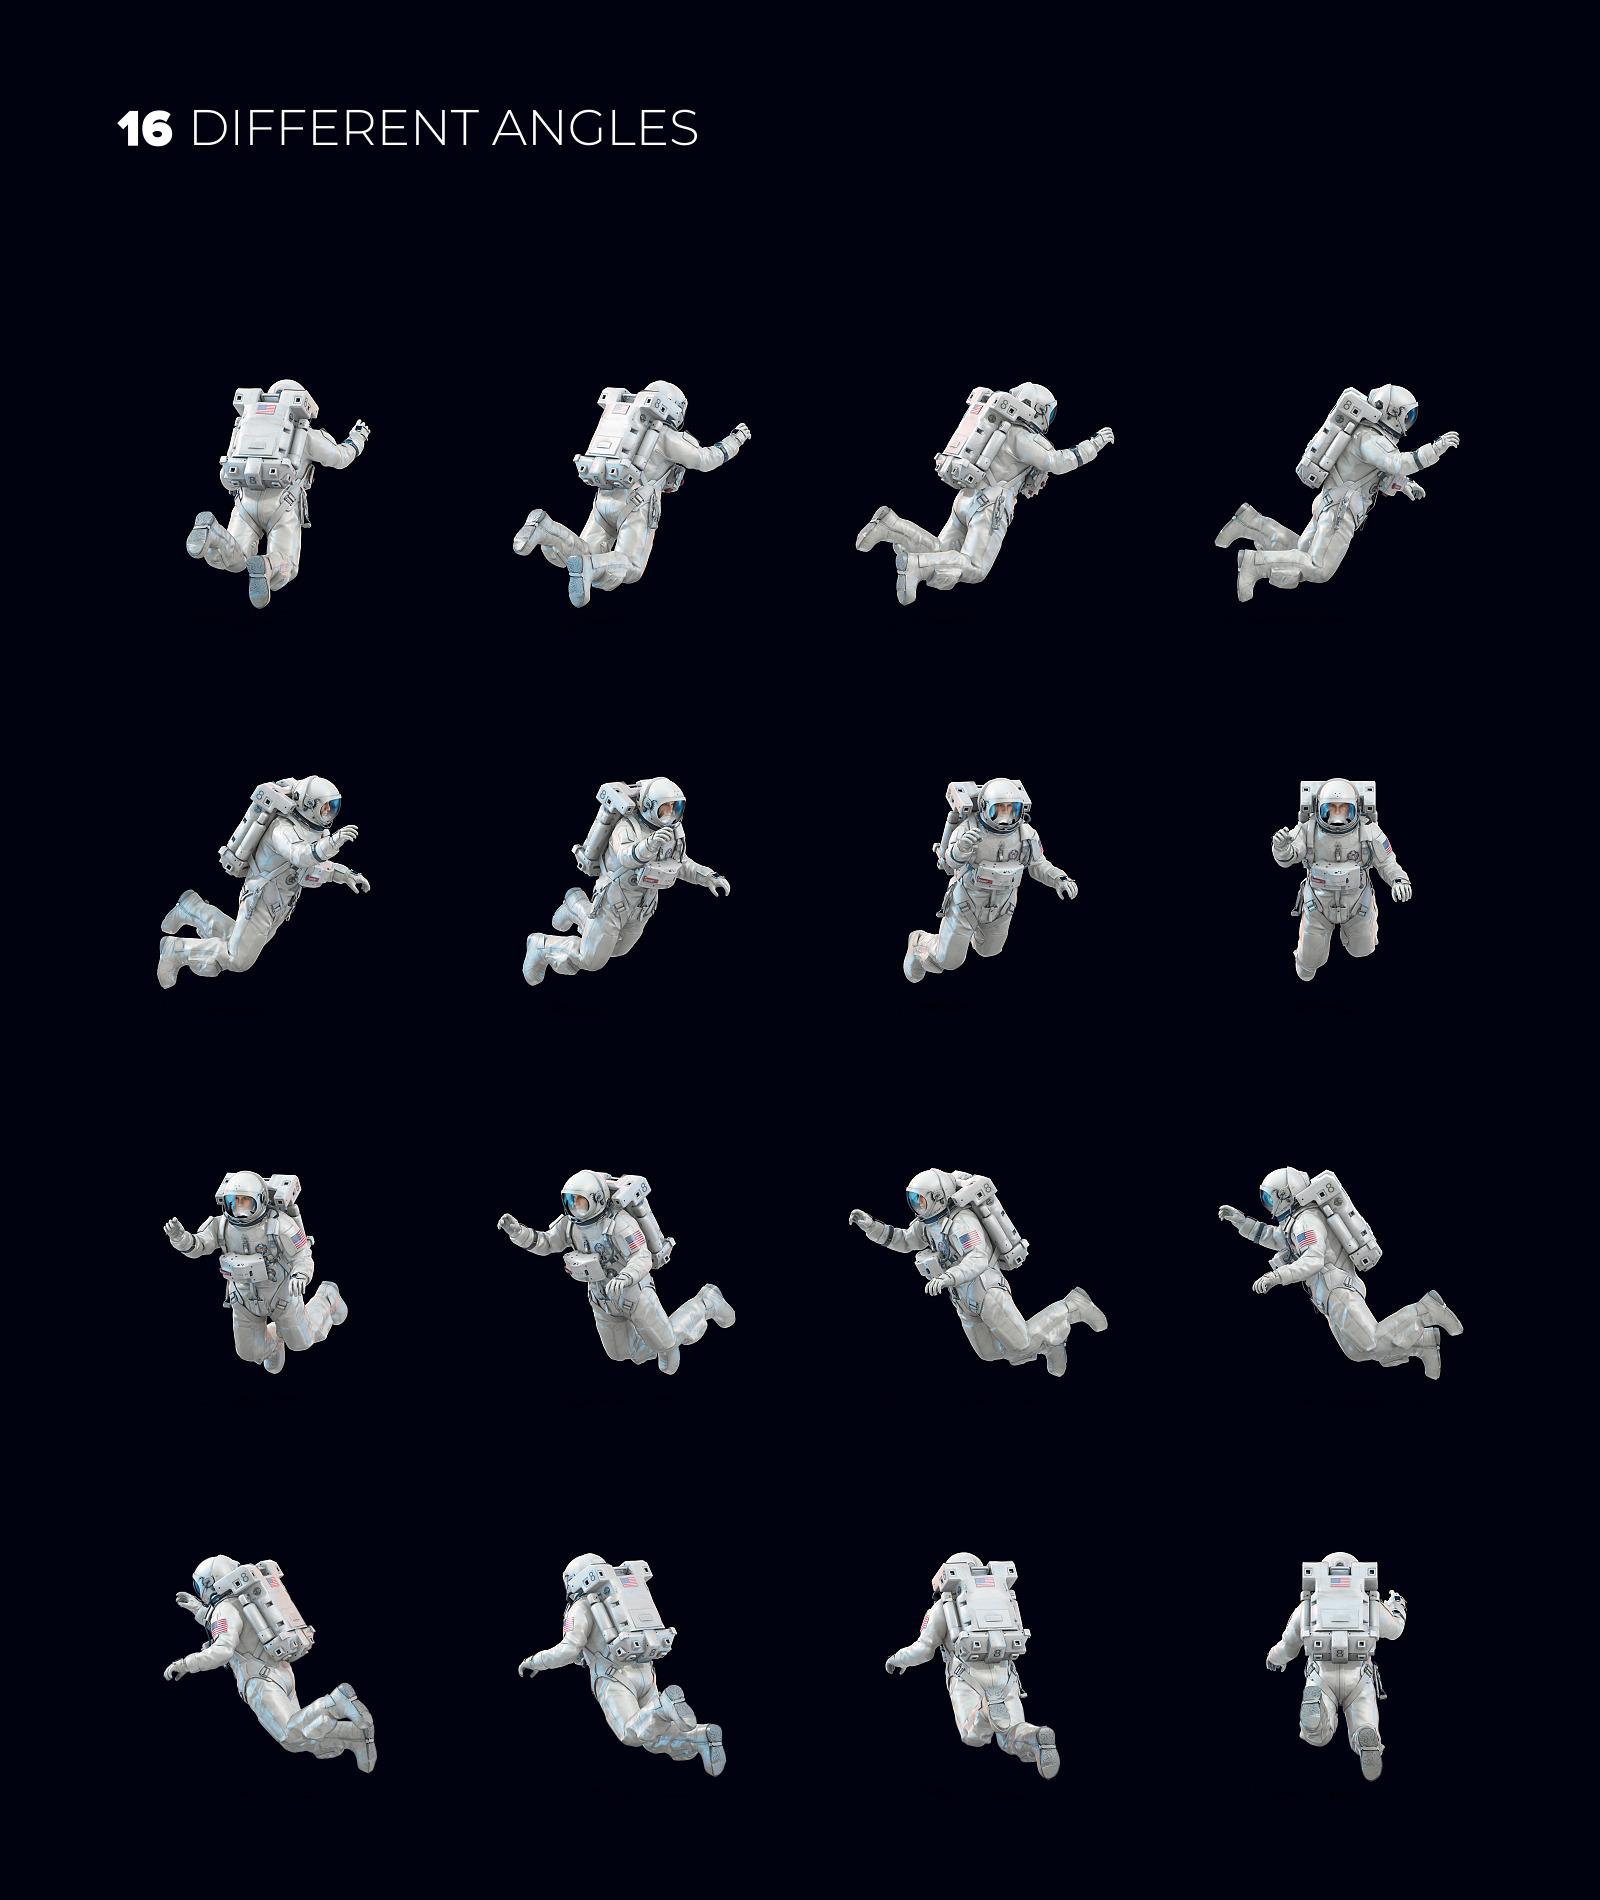 16款多角度太空宇航员3D模型平面设计PS素材源文件 3D Mockup Space Astronaut #04插图(1)